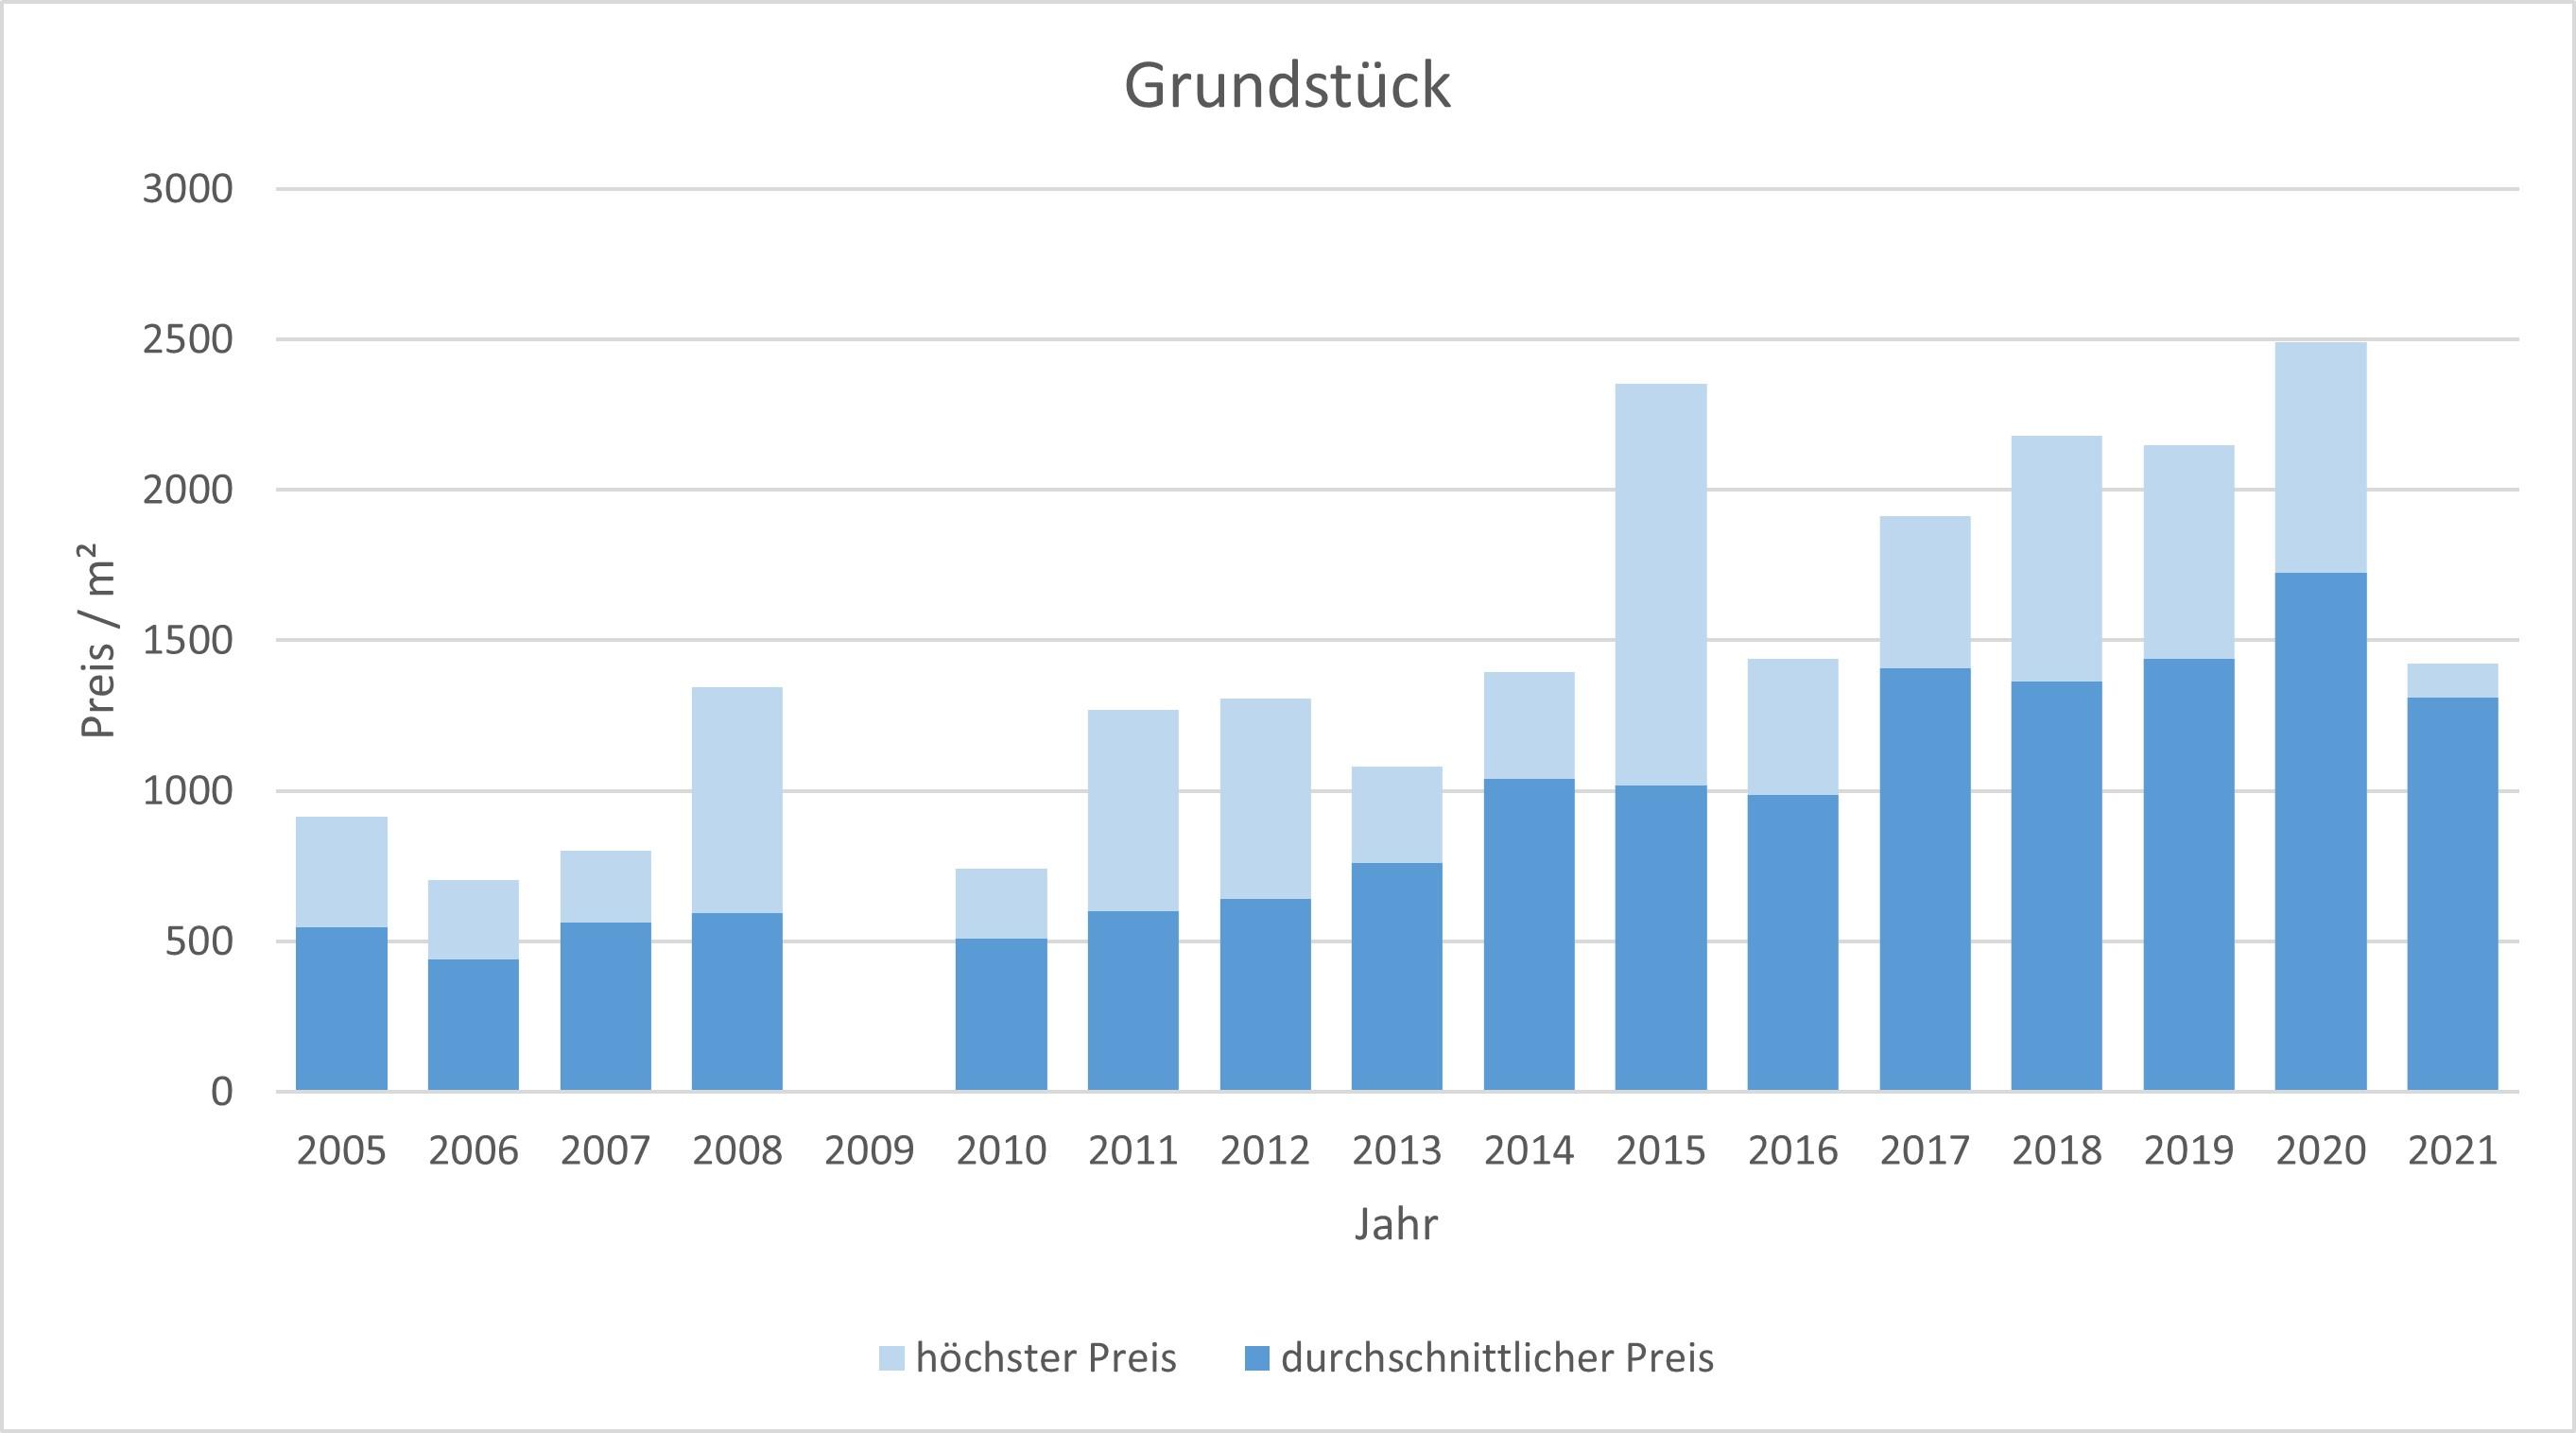 Dachau Grundstück kaufen verkaufen preis bewertung makler www.happy-immo.de 2019 2020 2021